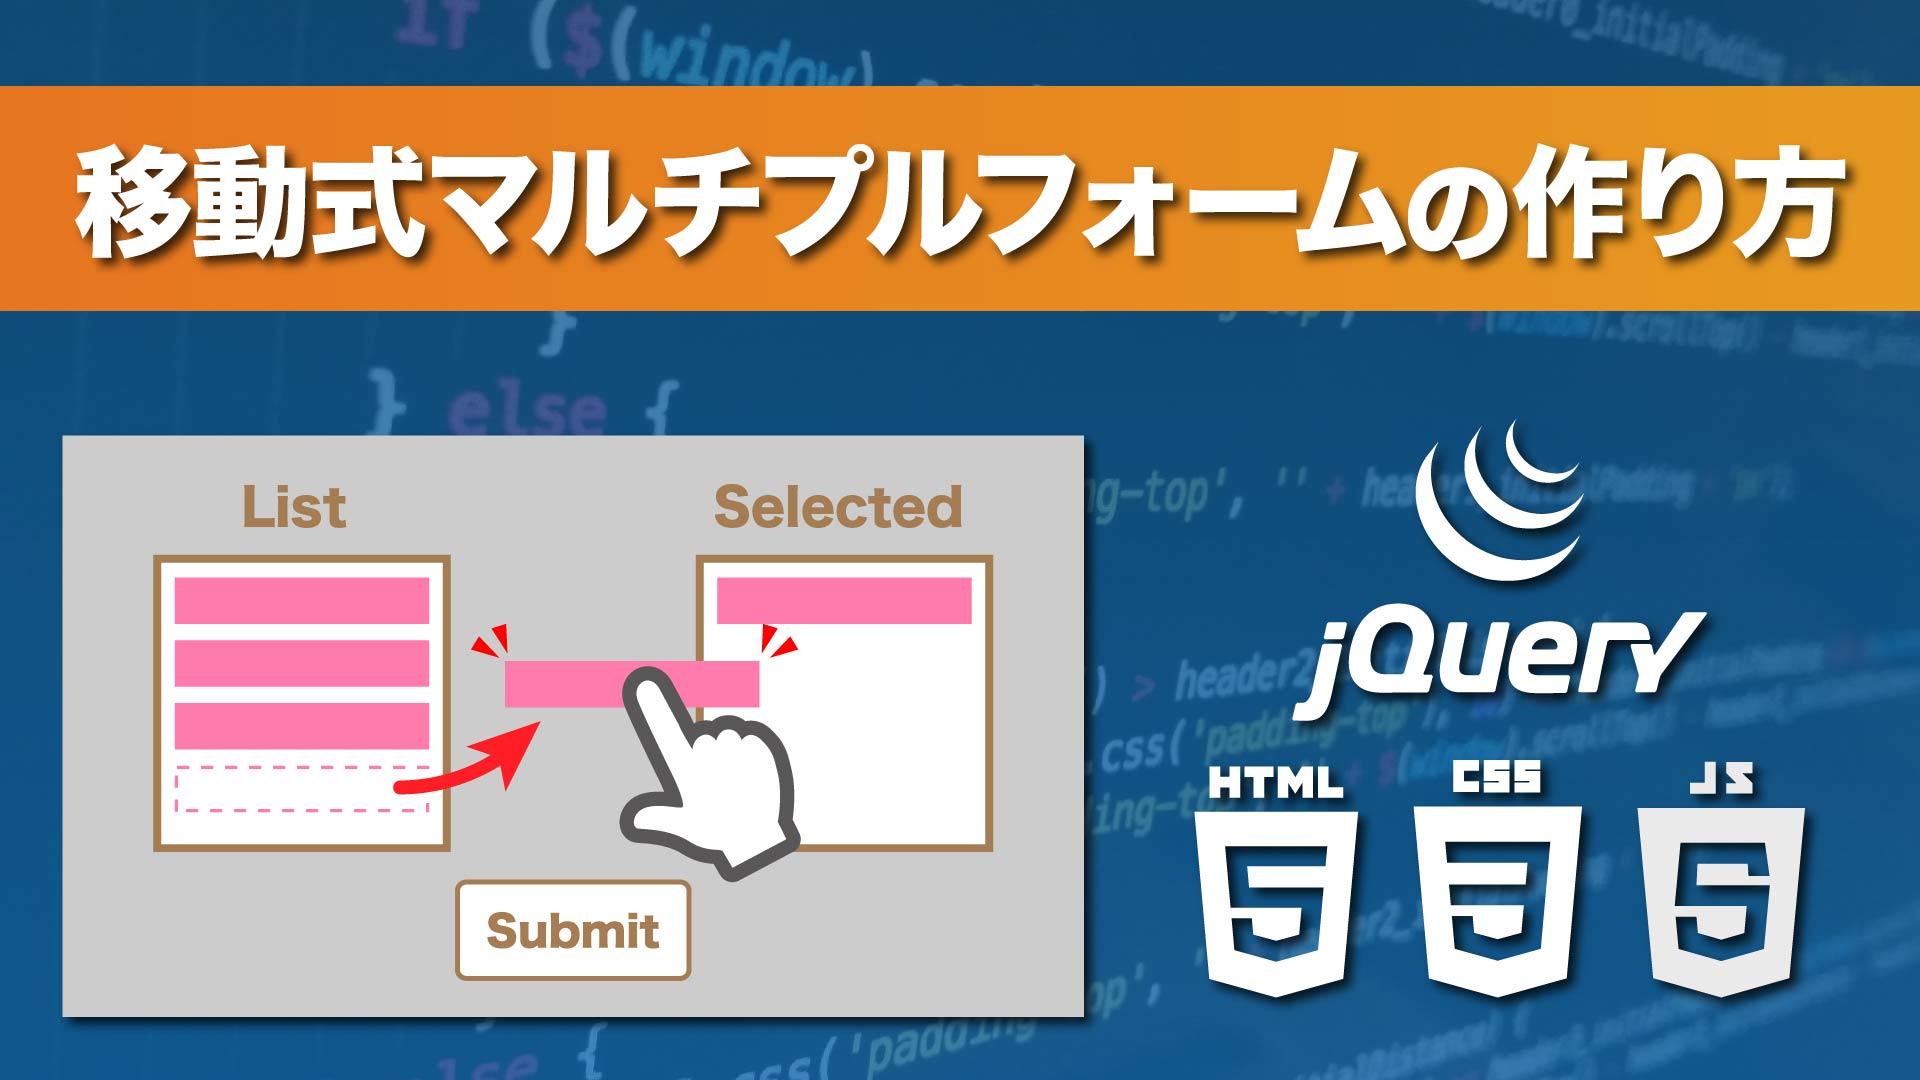 【jQuery】移動式マルチプルフォームの作り方【sortable】